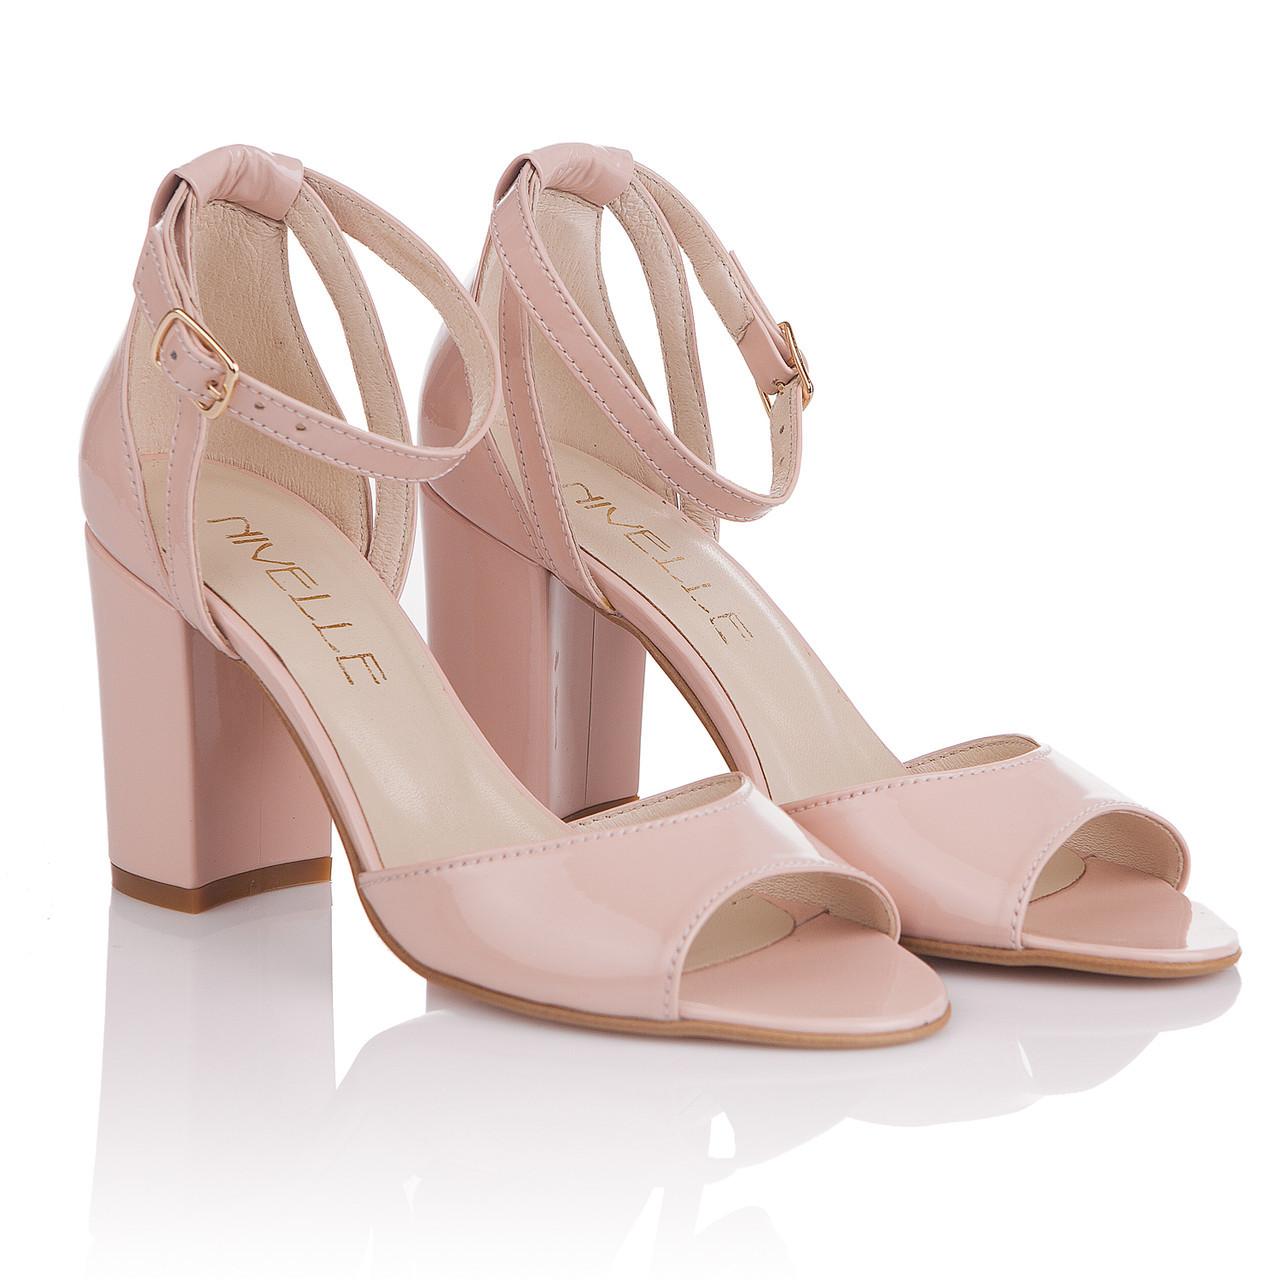 fdfe4d25ceedf6 Босоножки женские Nivelle (розового оттенка, на удобном каблуке,  натуральная лаковая кожа, удобные